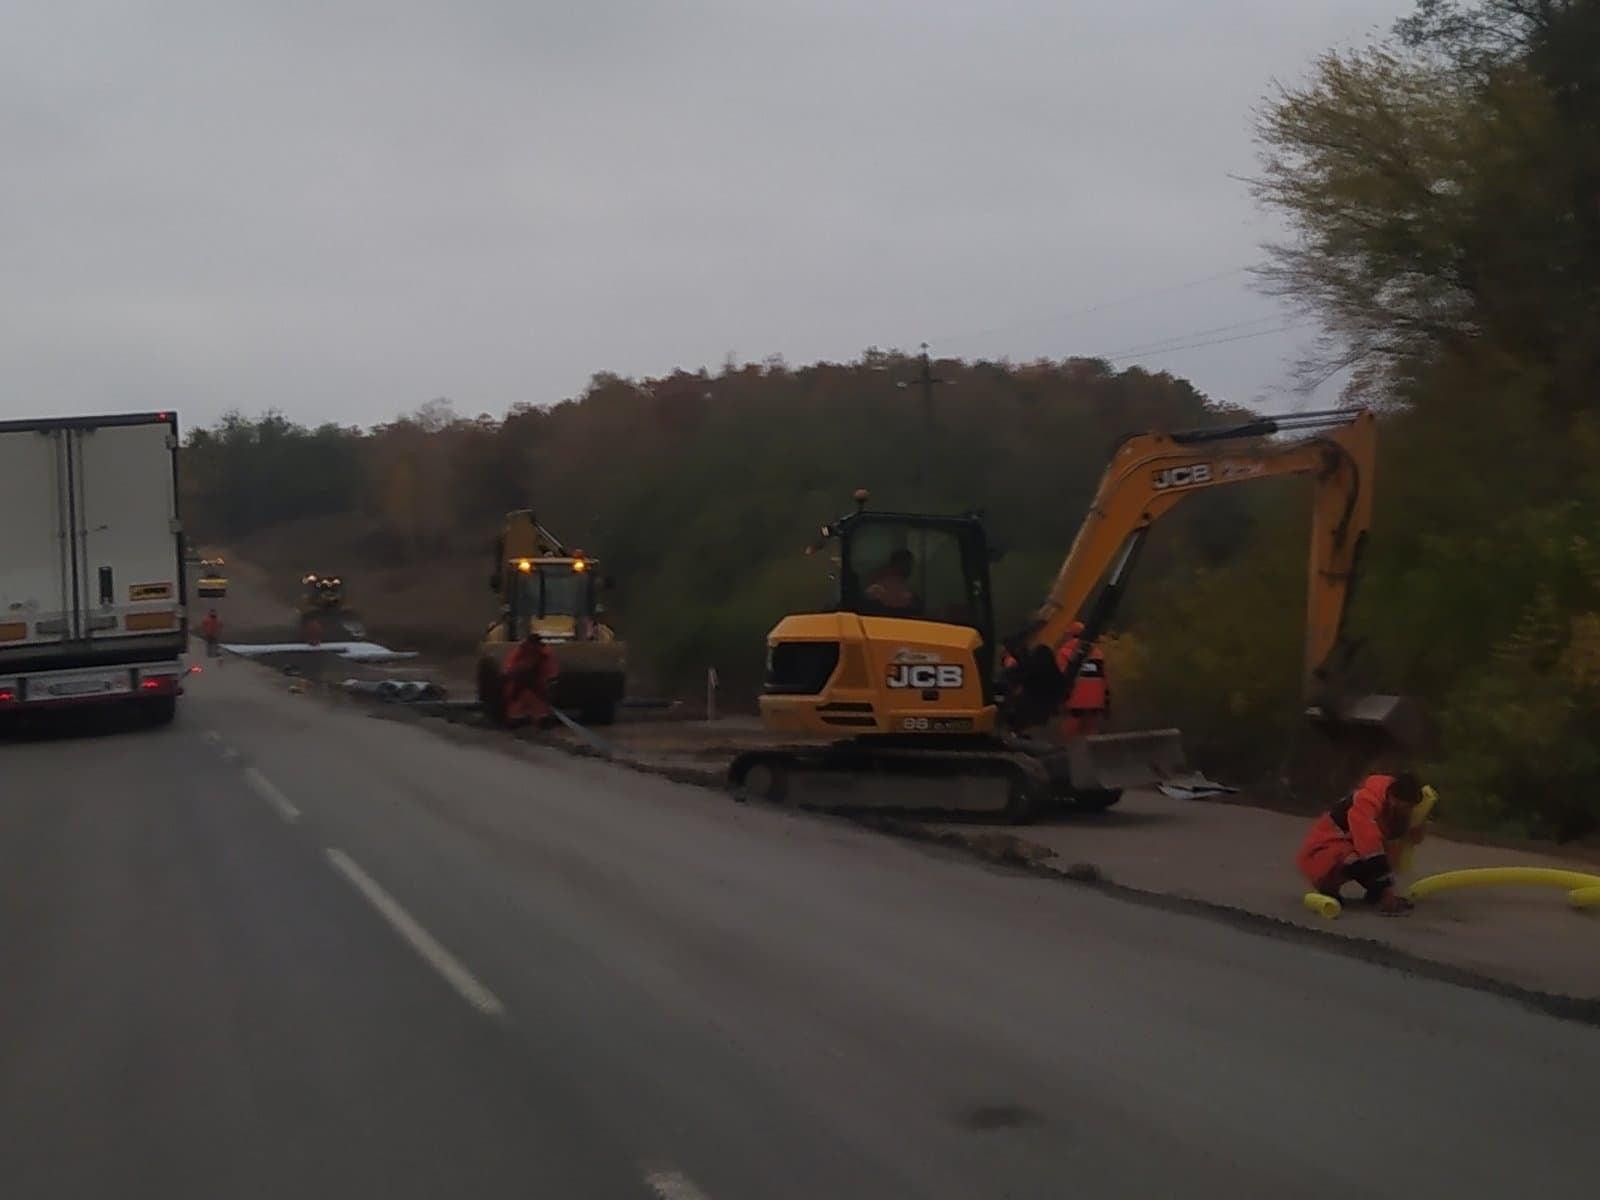 Тривають ремонтні роботи на автодорозі Н-07 Київ-Суми-Юнаківка (Фото)